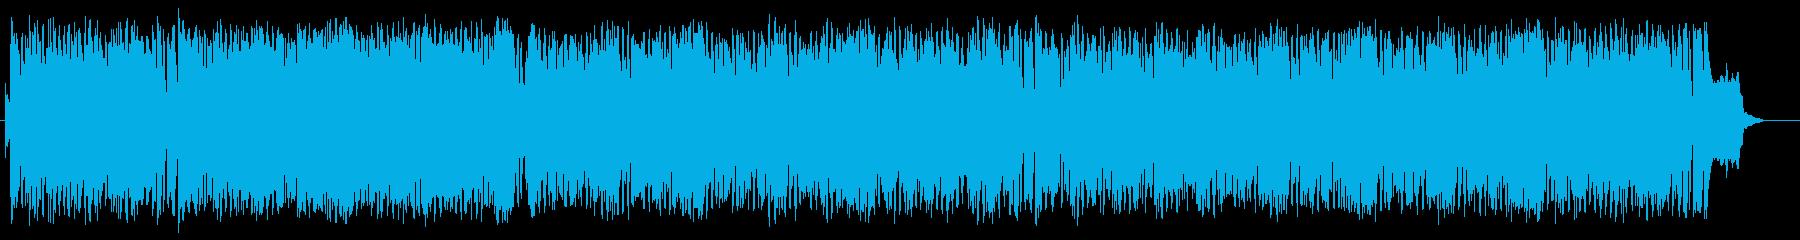 明るく元気でポップなシンセサイザーの曲の再生済みの波形